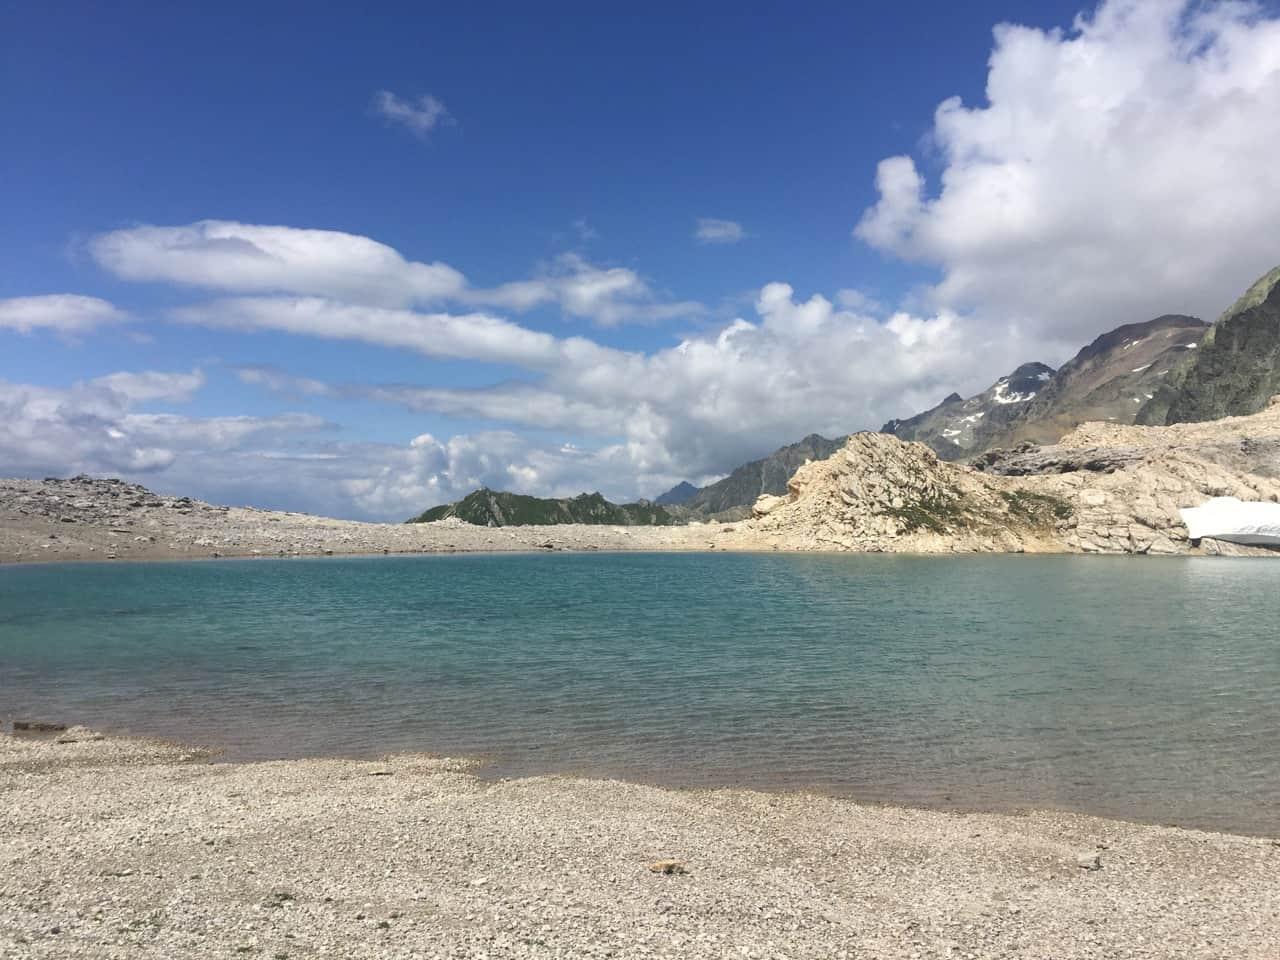 auszeit natur symbolisiert durch turkisfarbenen bergsee im graubünden